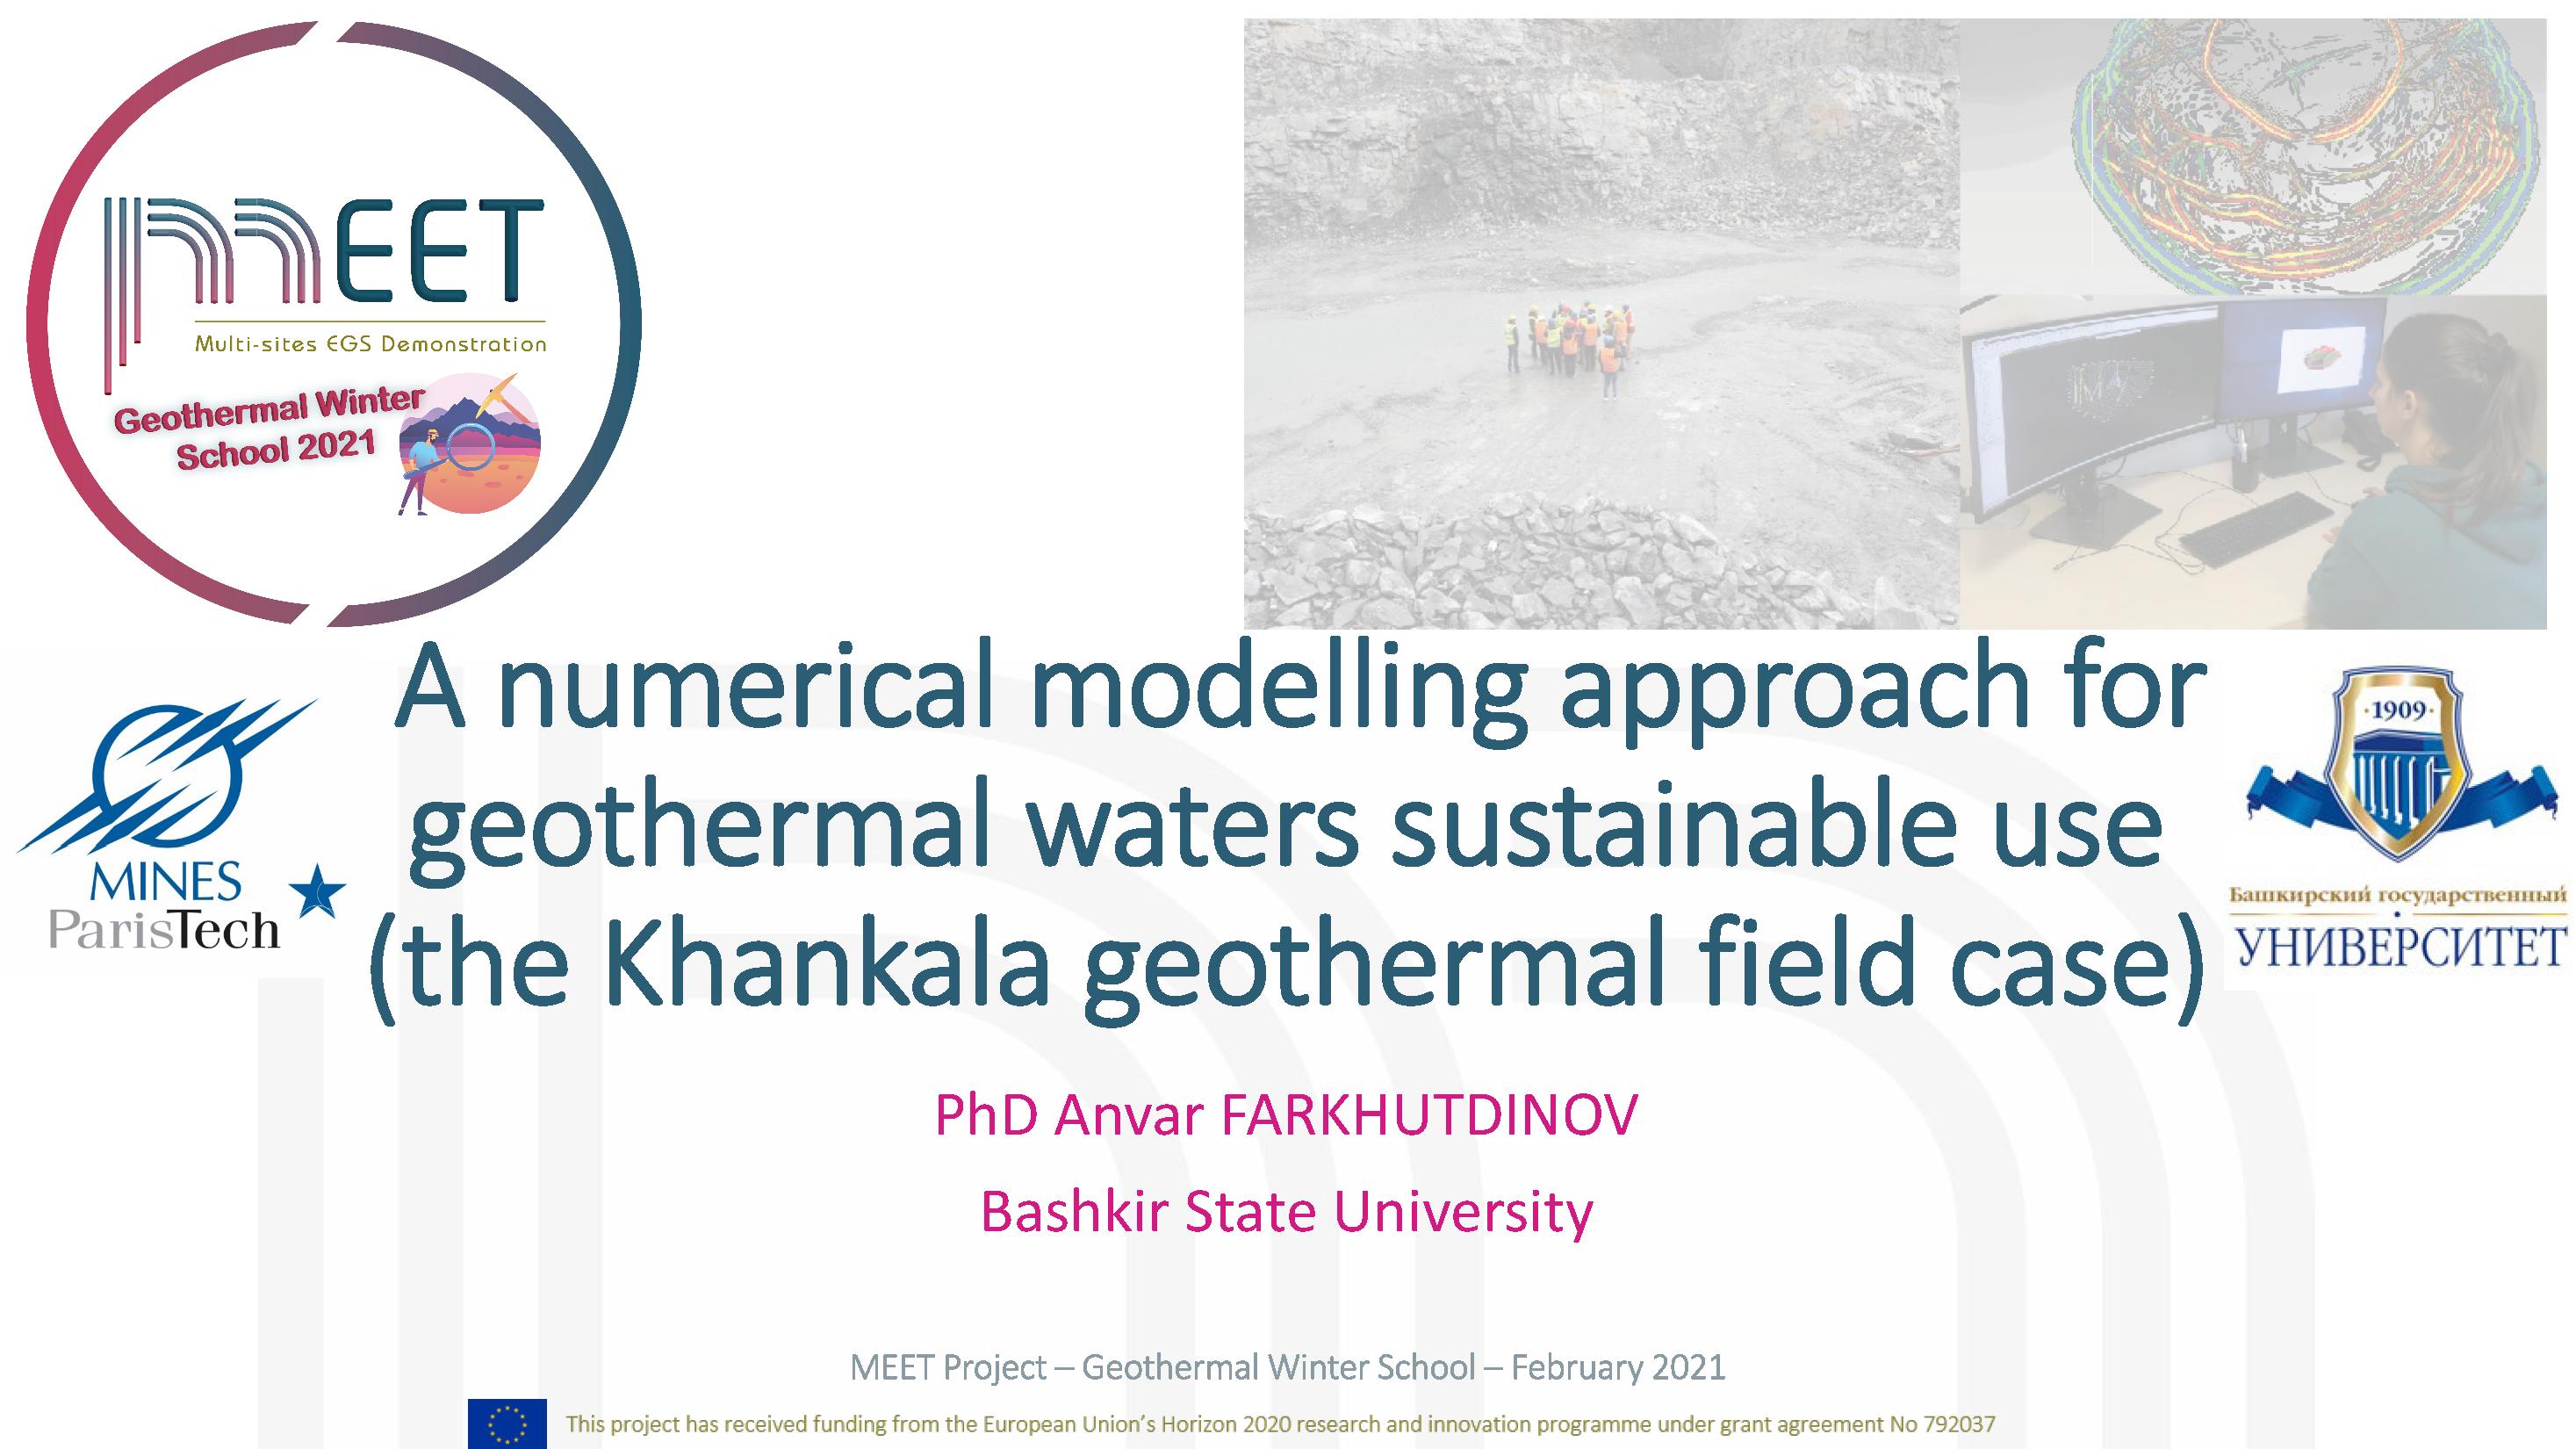 MEET Geothermal Winter School Anvar Farkhutdinov first slide visual